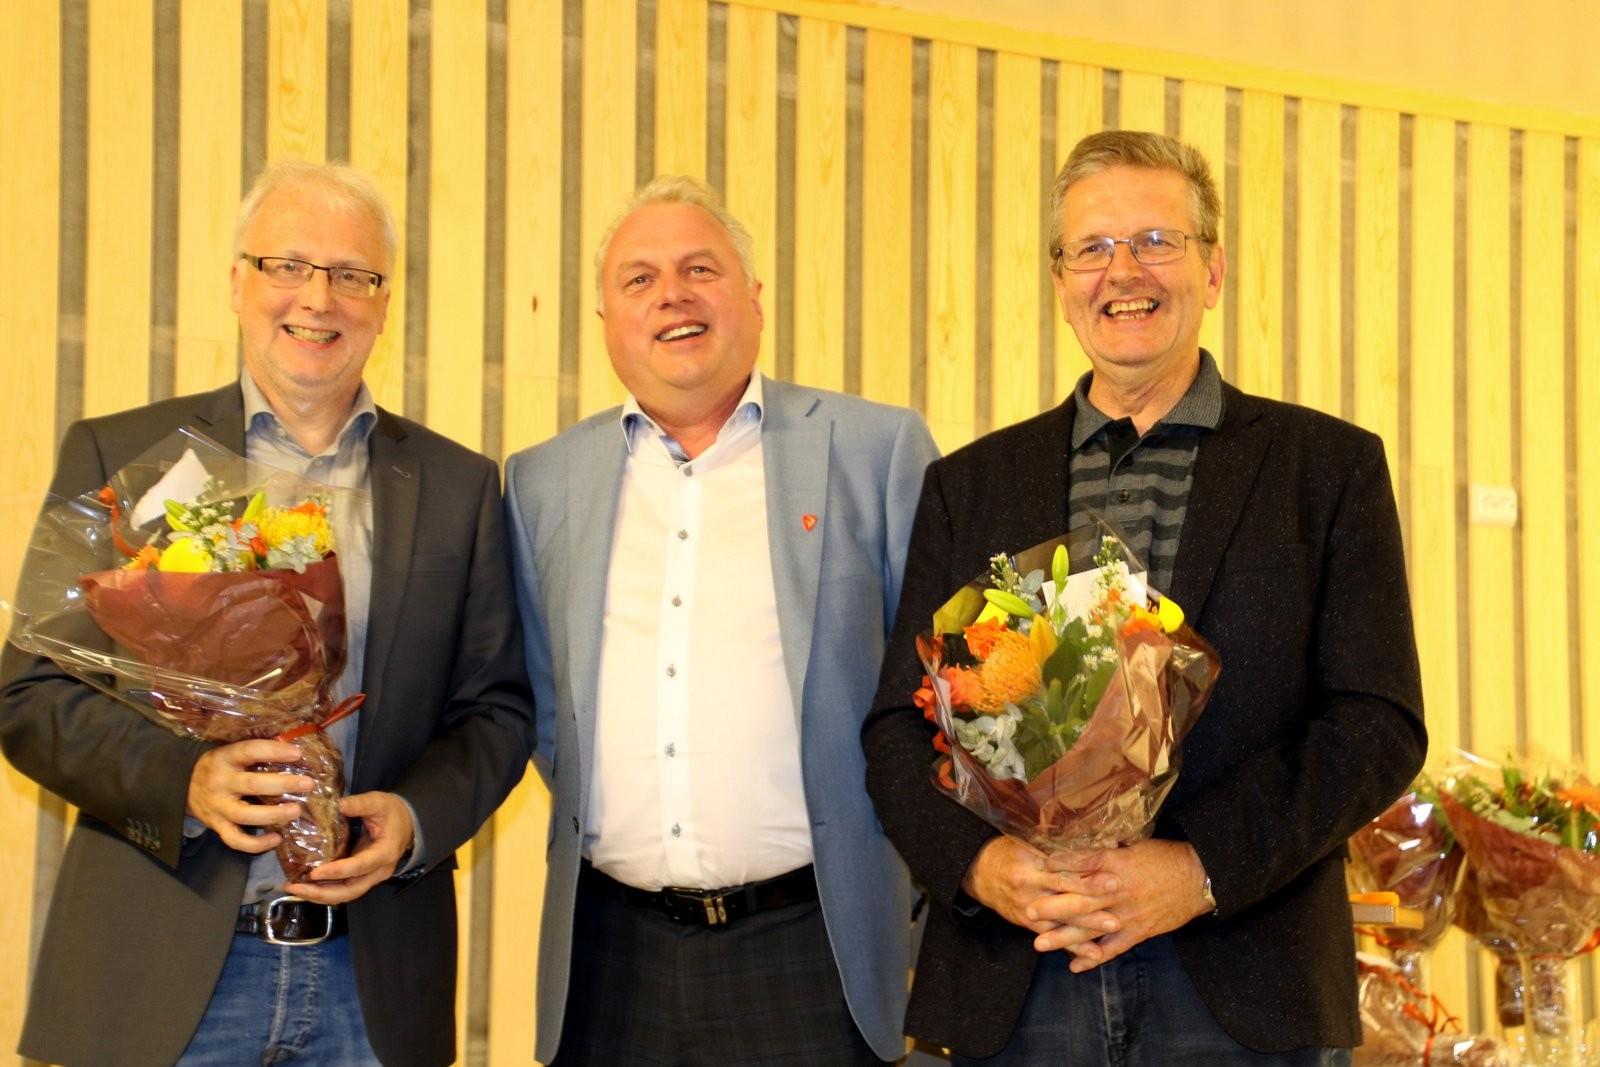 Ordførar Jan Geir Solheim i Lærdal delte ut blomer.